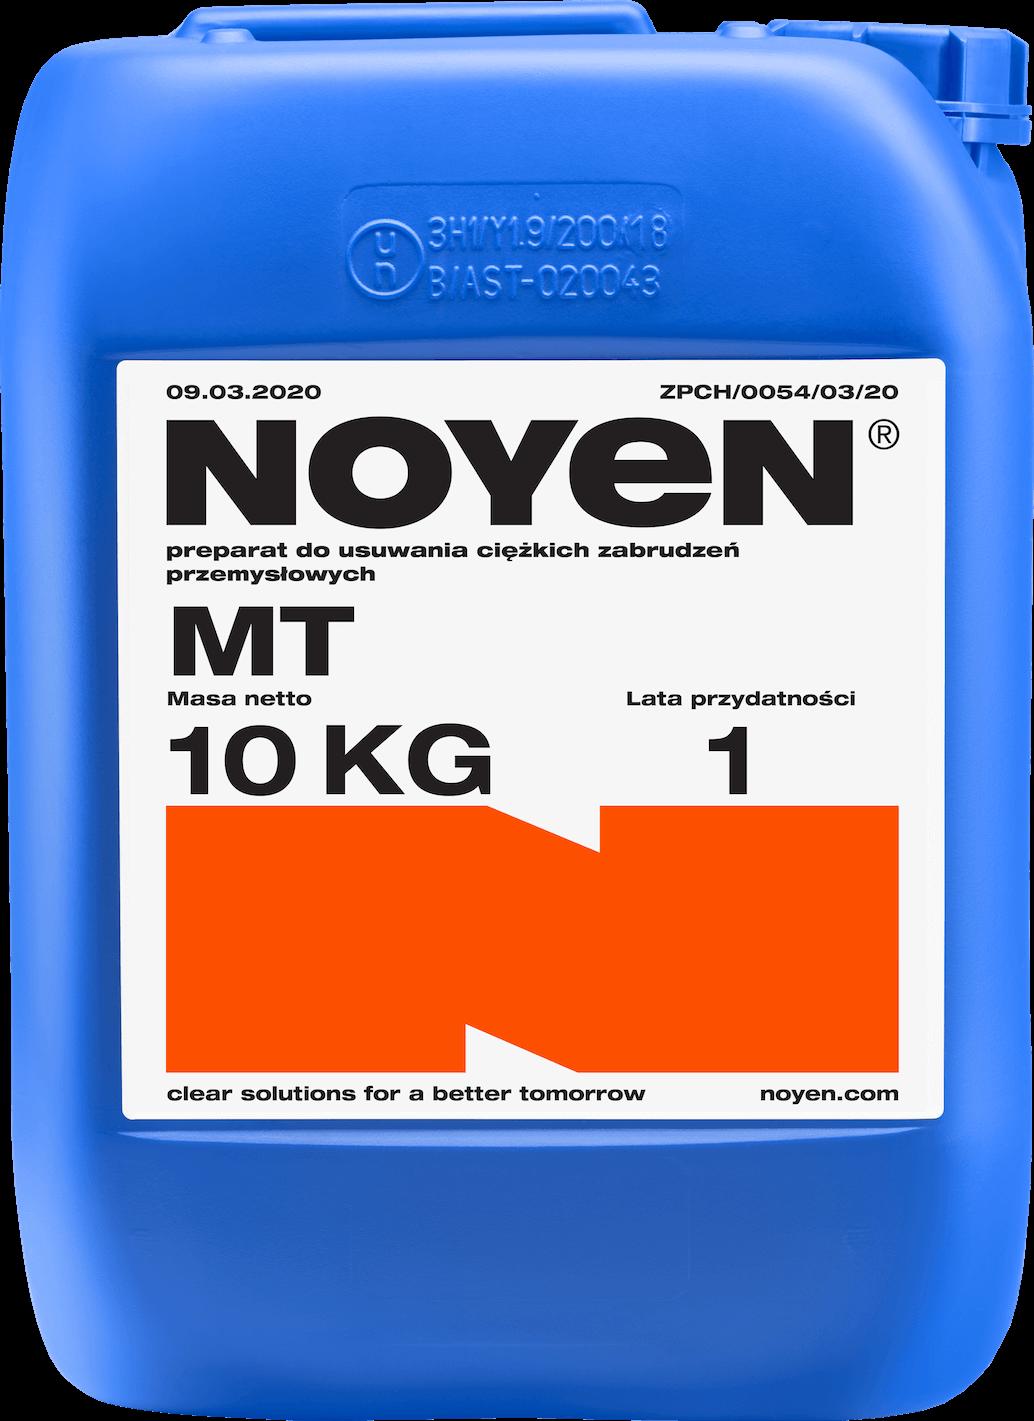 MT NOYEN 10 KG preparat do usuwania ciężkich zabrudzeń przemysłowych w niebieskim kanistrze